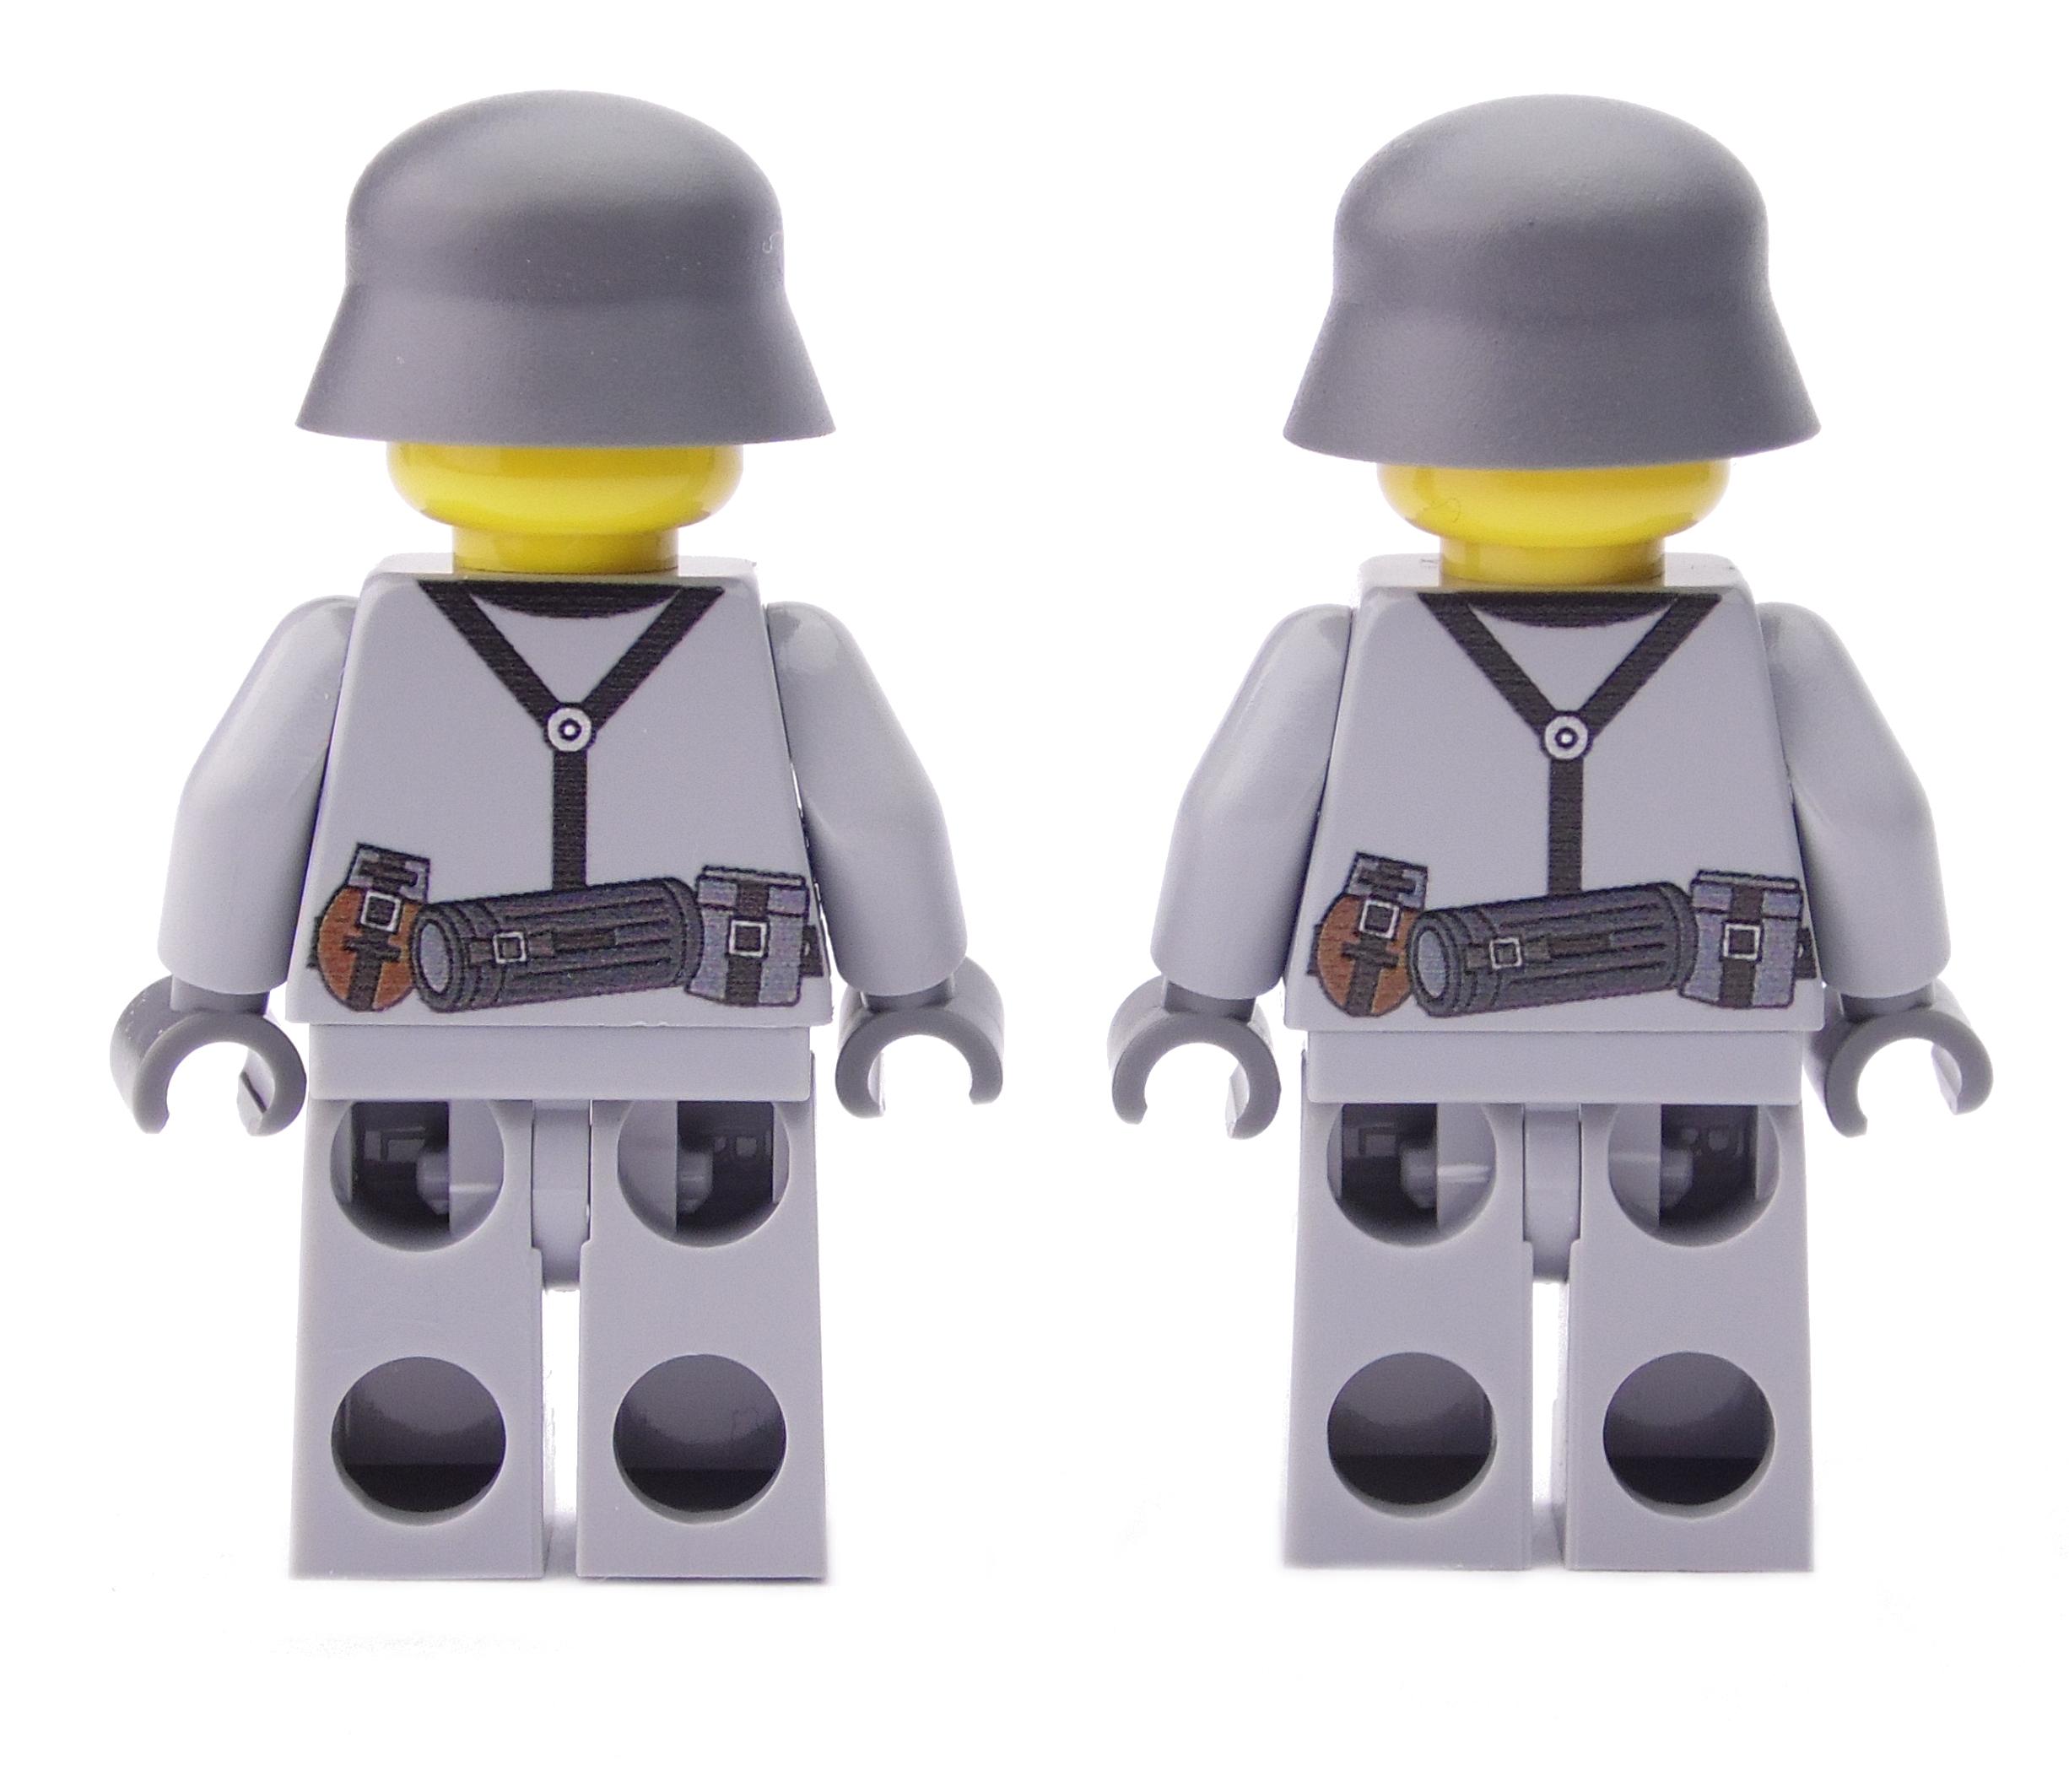 deutsches custom soldatenset anderes design custom ww2 sets modelle und zubeh r. Black Bedroom Furniture Sets. Home Design Ideas